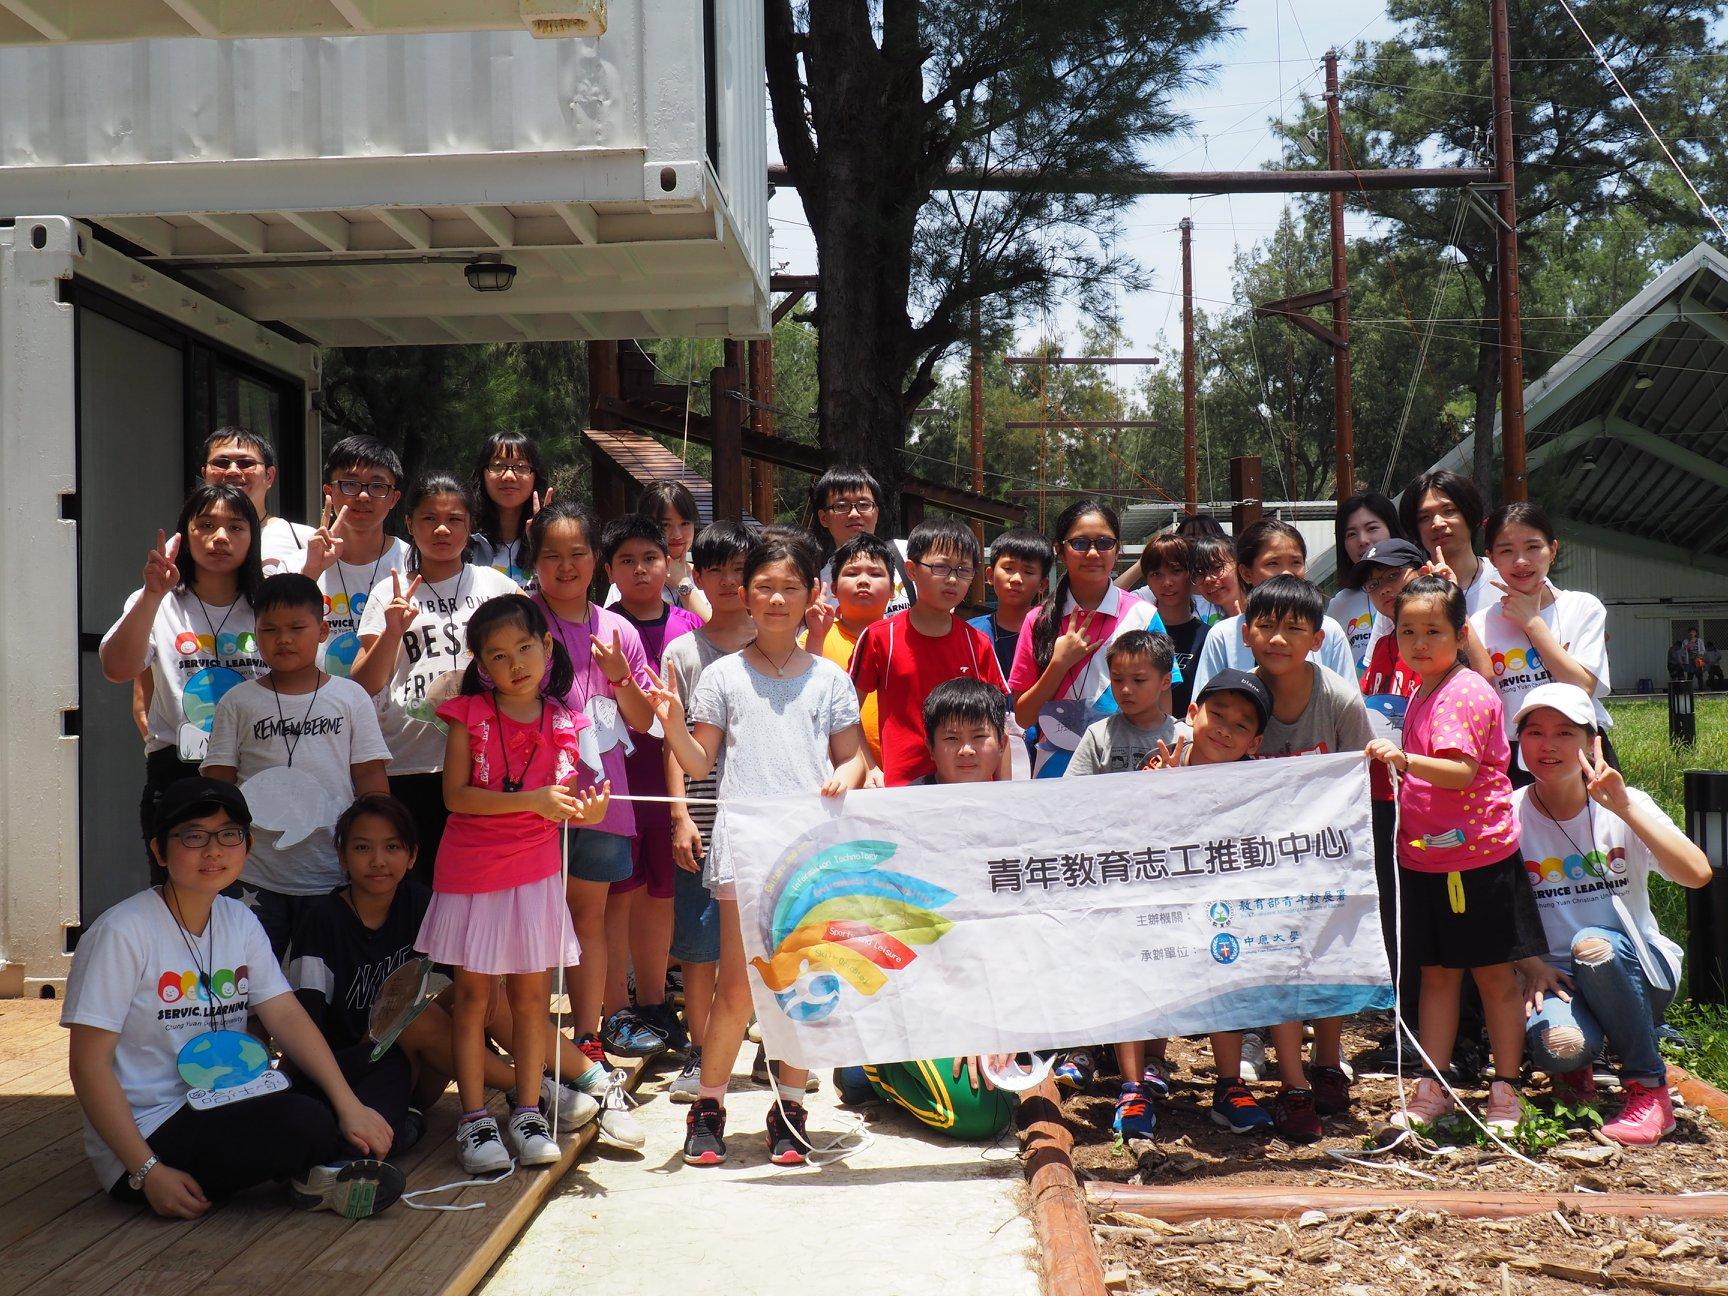 用愛串連五縣市 中原大學推動青年志工以技能專長服務社區